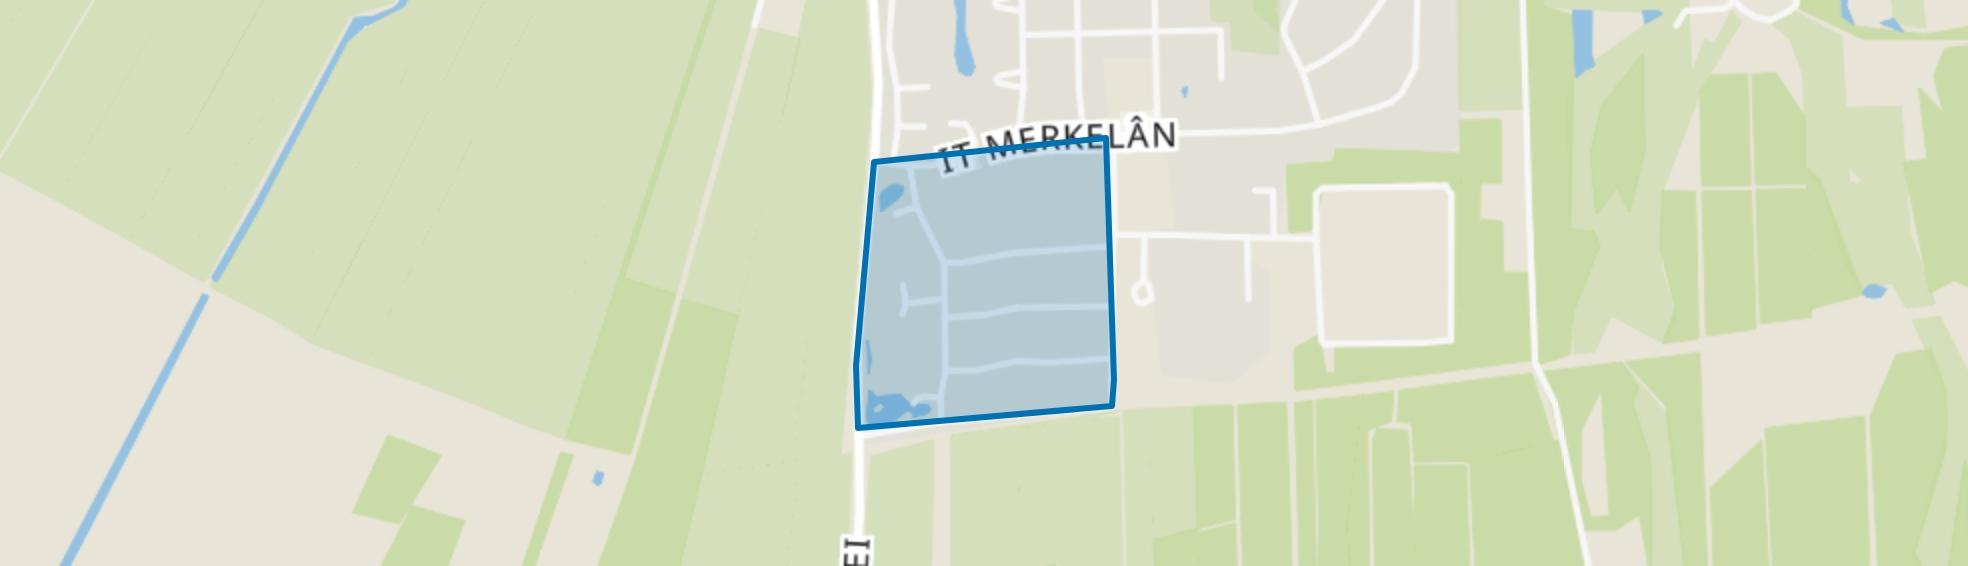 Beetsterzwaag-Hup strjitten, Beetsterzwaag map